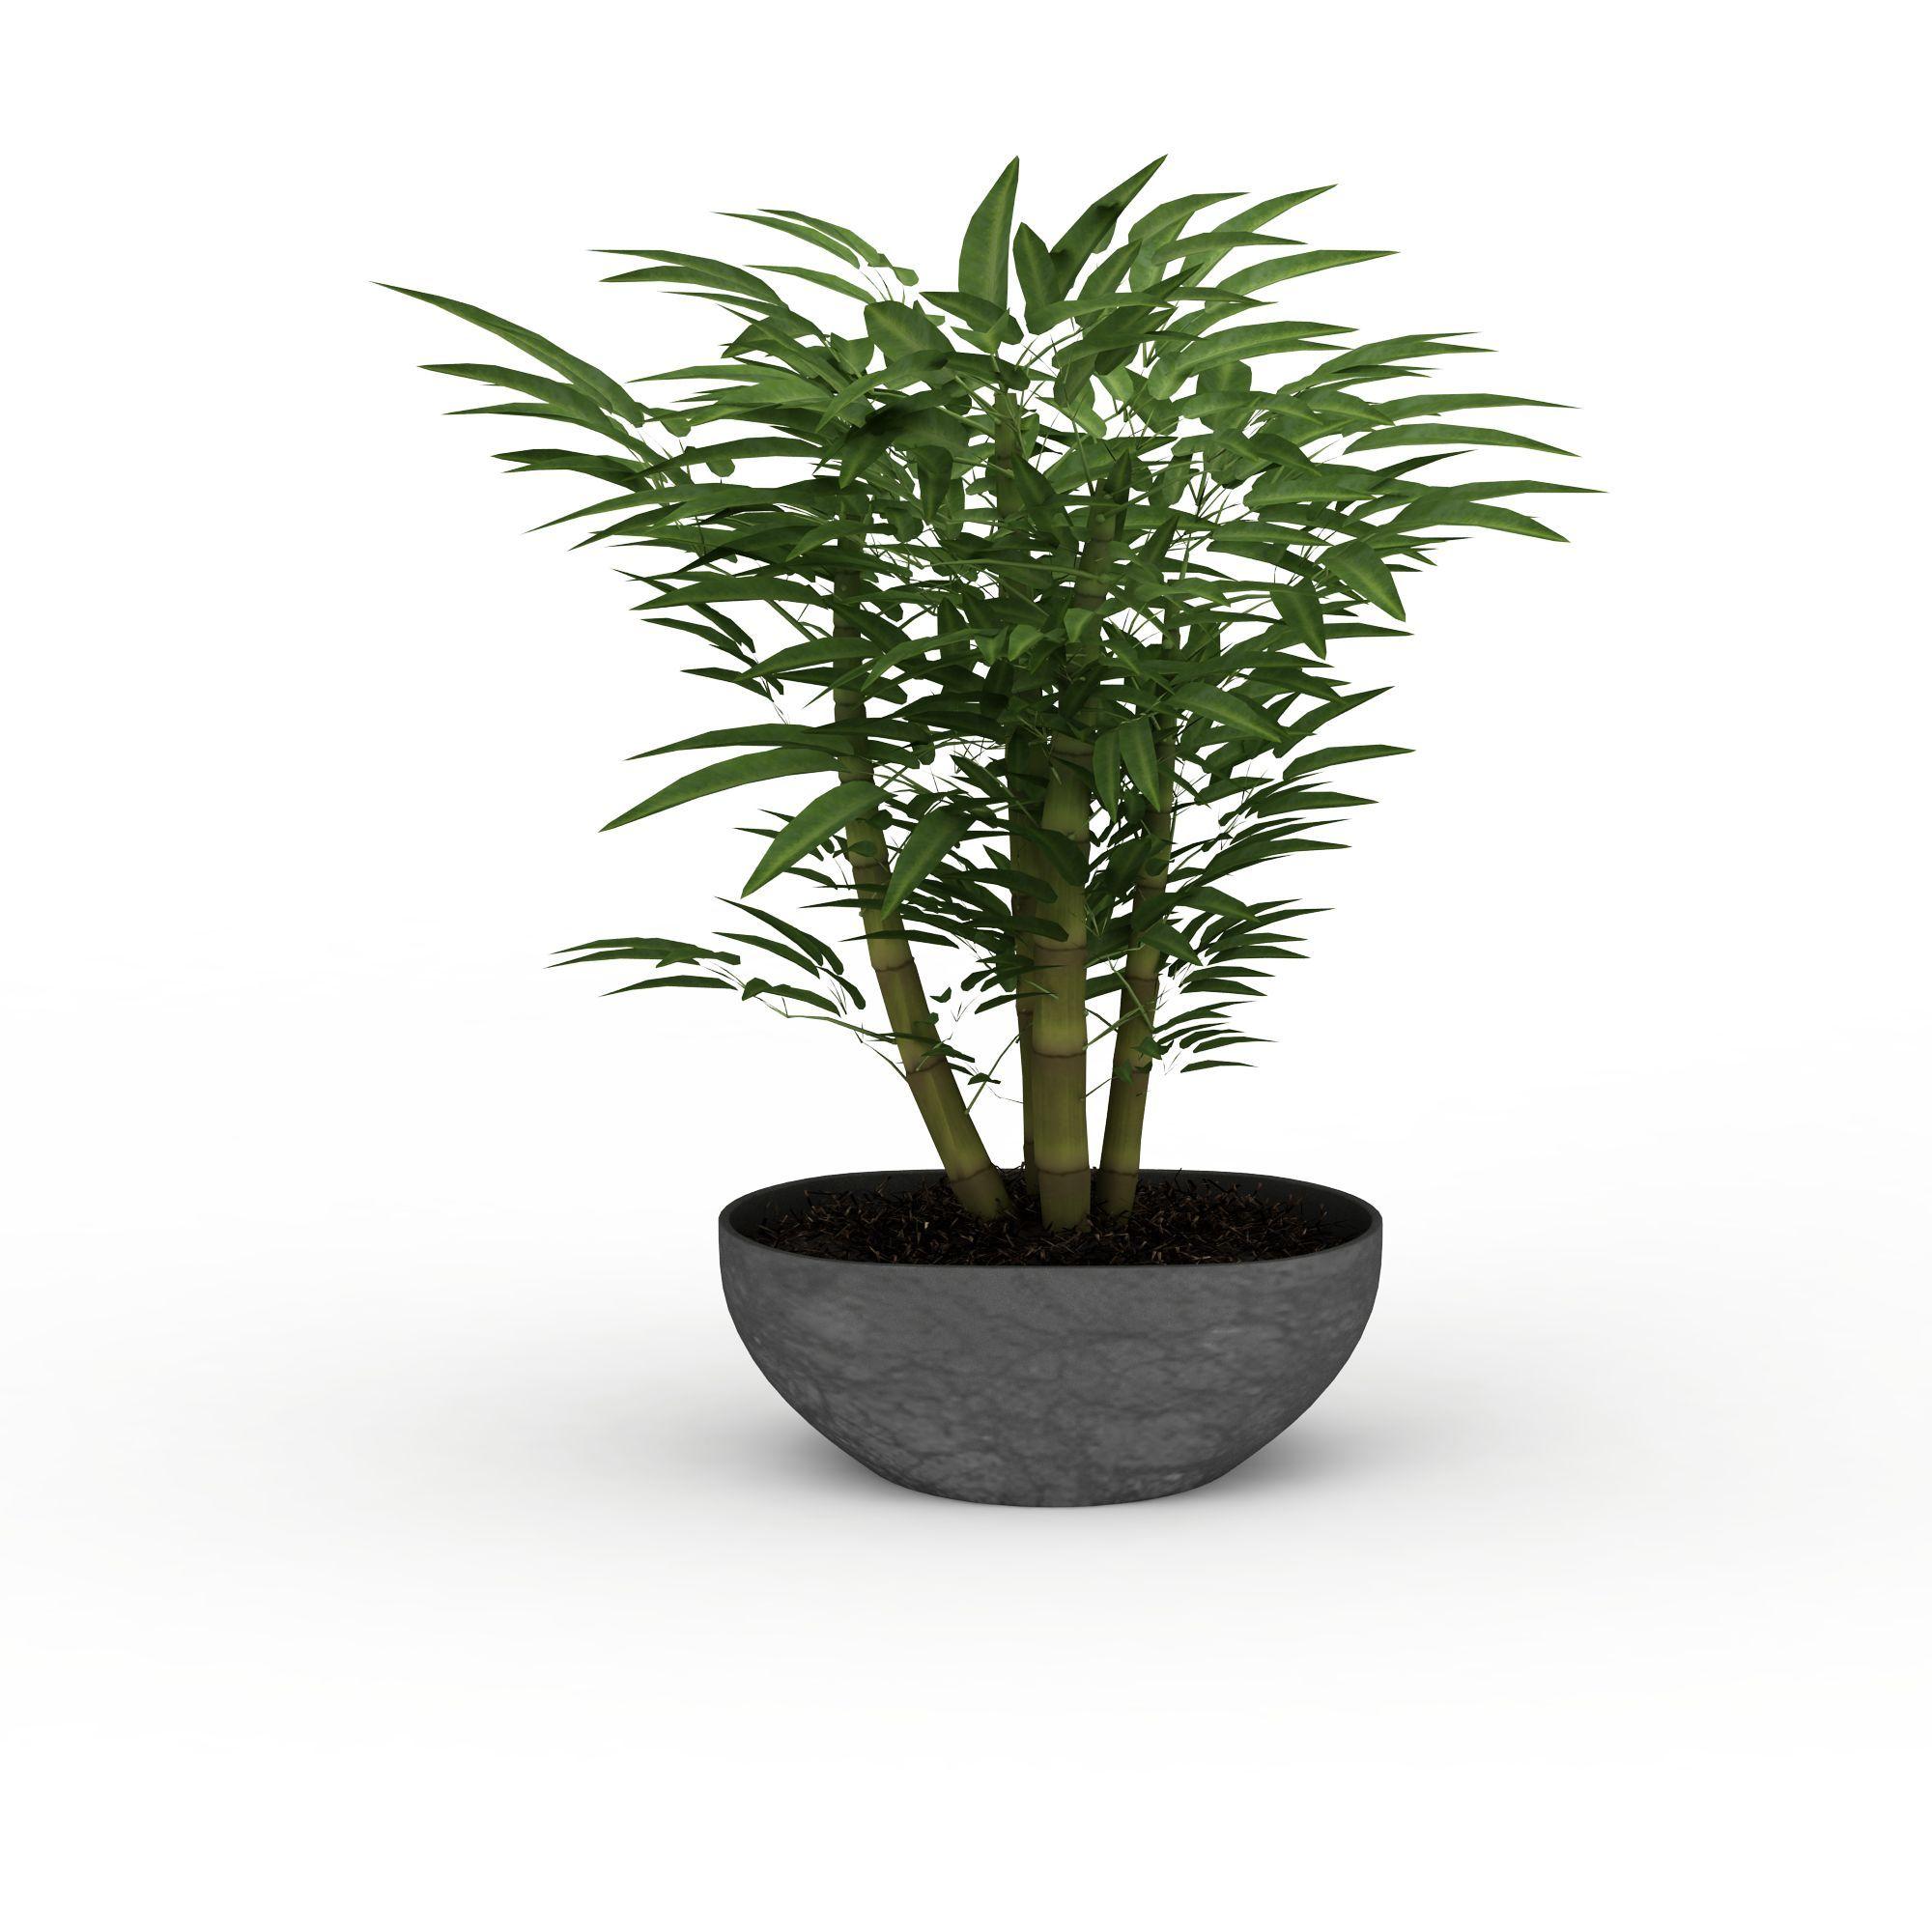 日用饰品 陈设品 矮竹子盆景3d模型 矮竹子盆景png高清图  矮竹子盆景